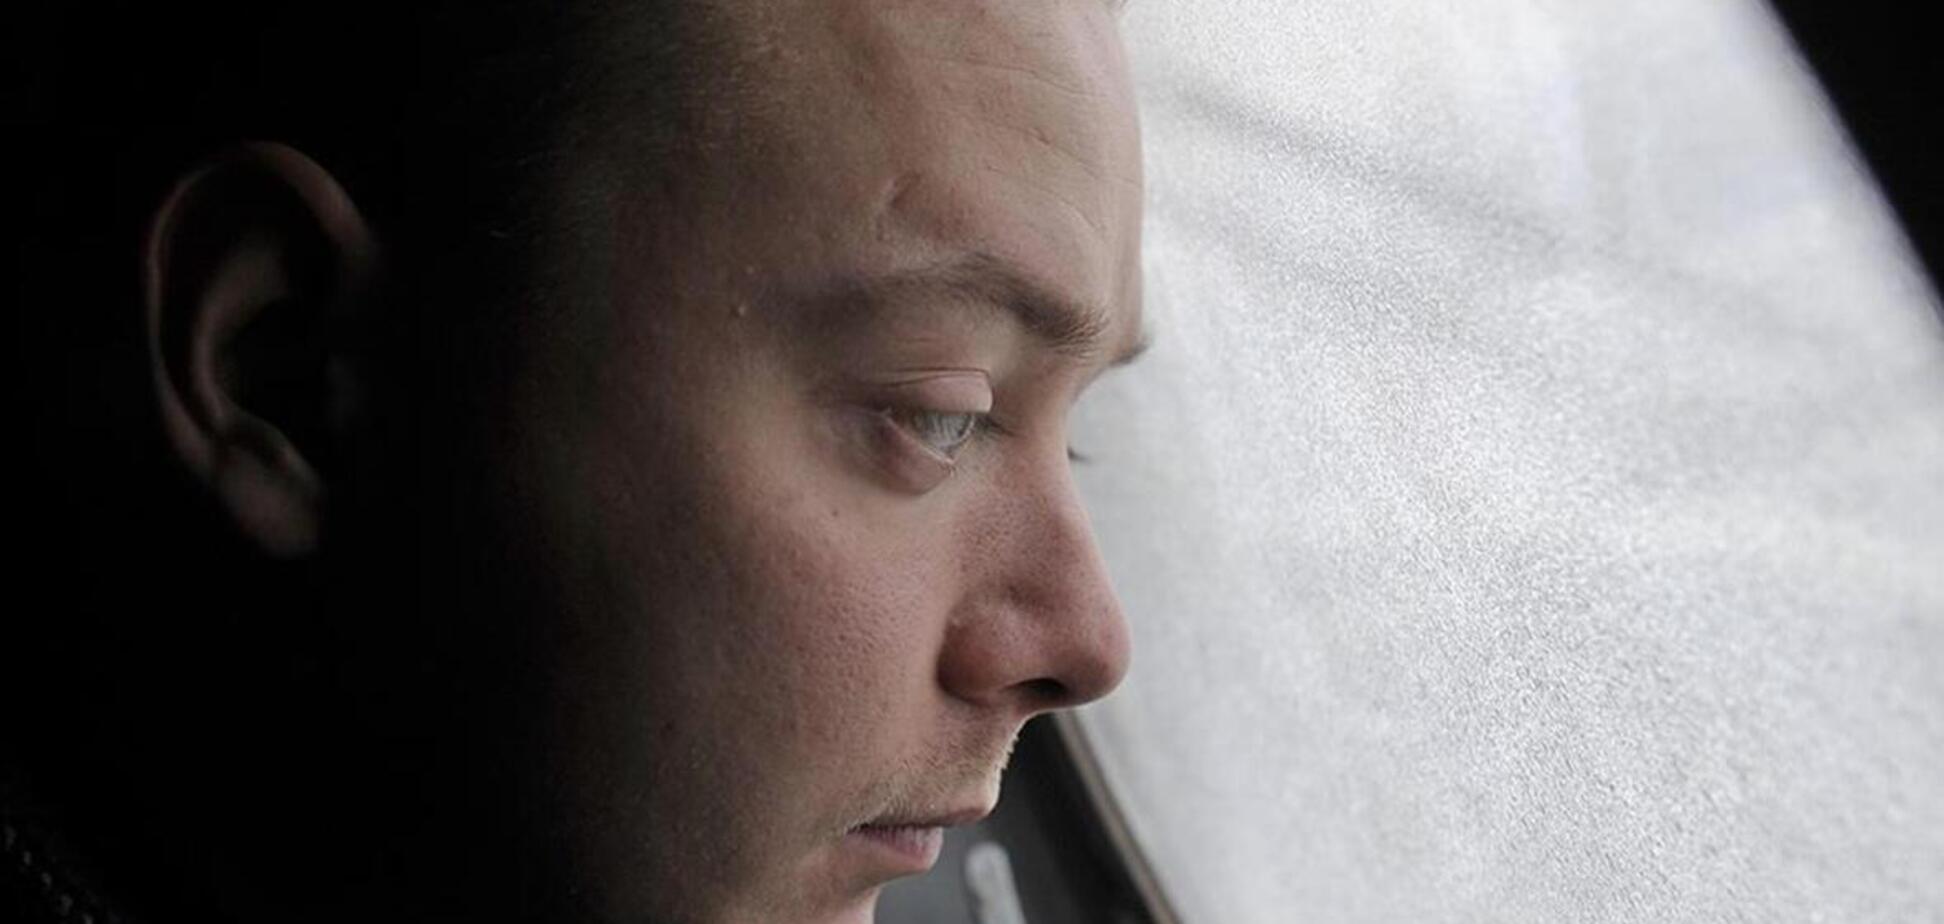 Ивана Сафронова обвиняют в госизмене